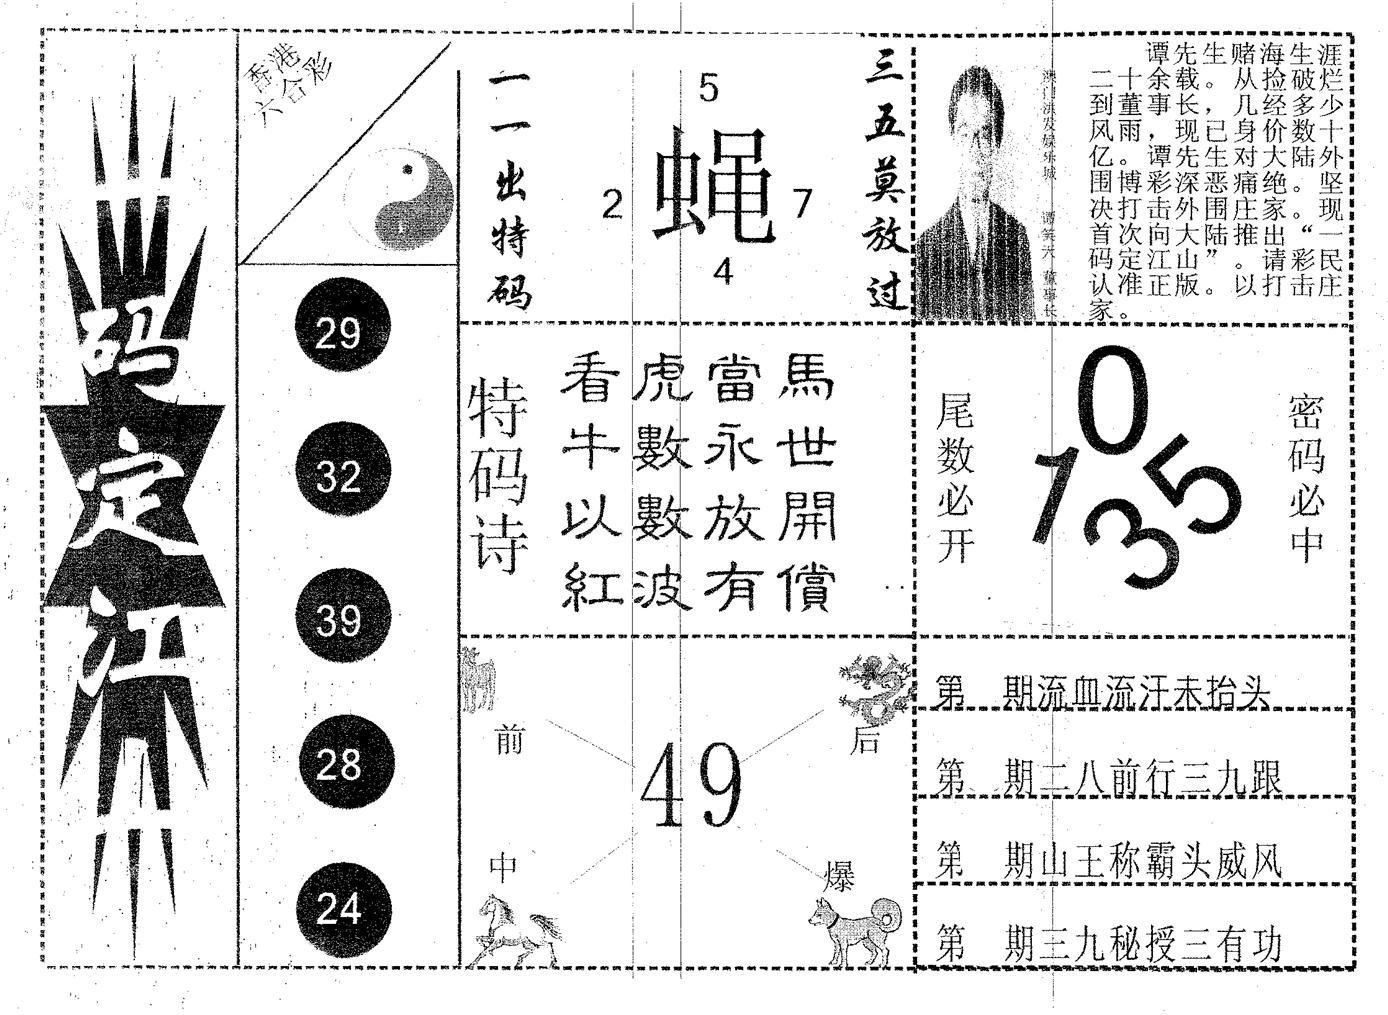 073期一码定江山(黑白)